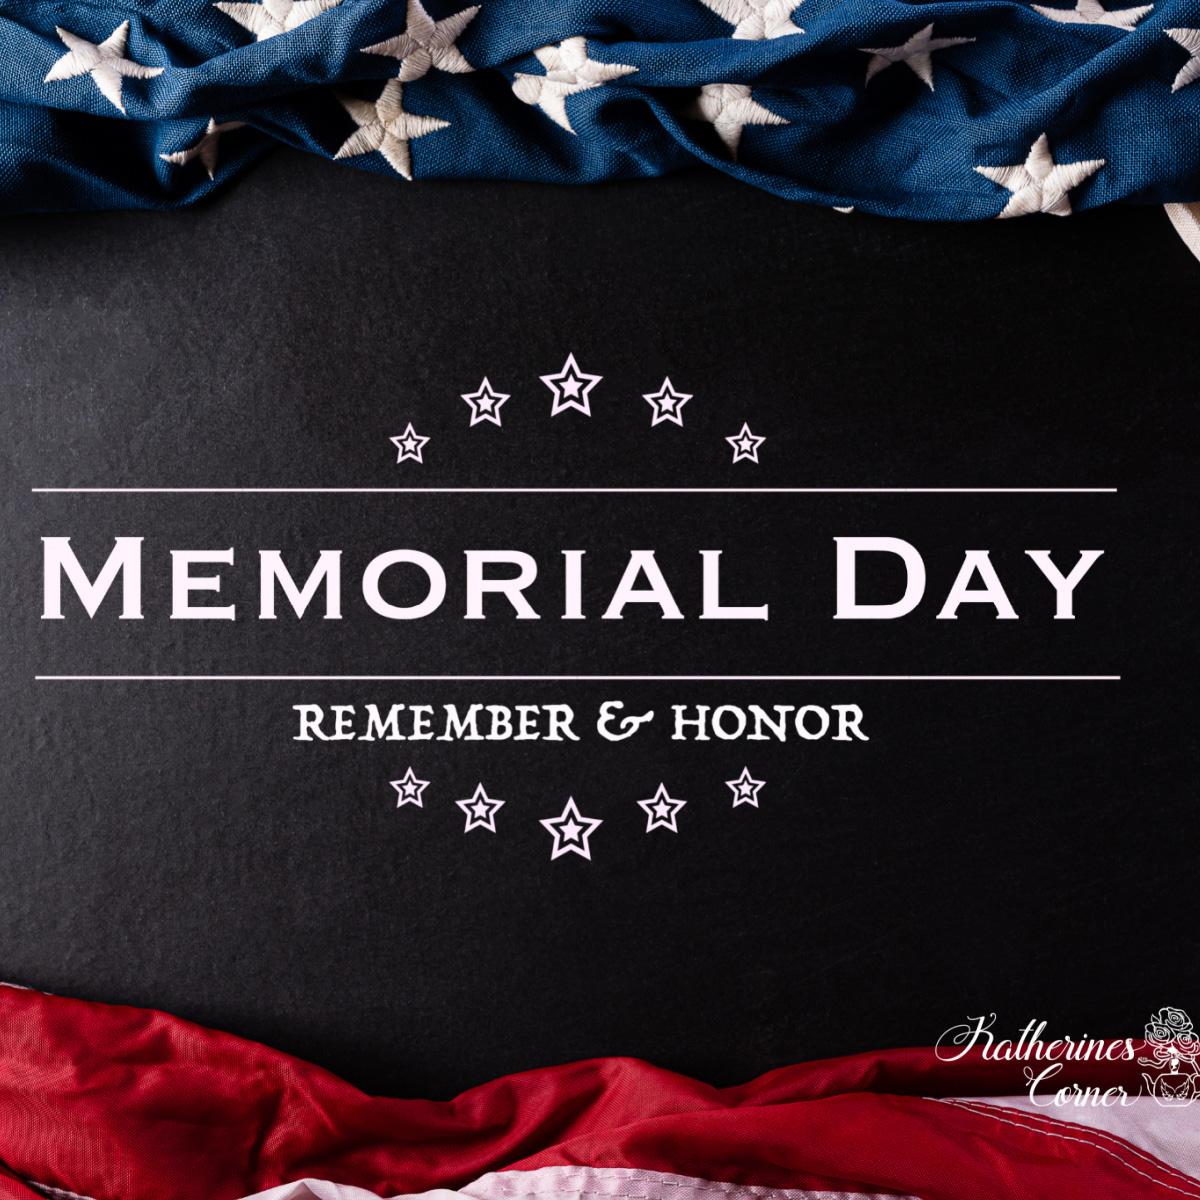 It's Memorial Day Weekend